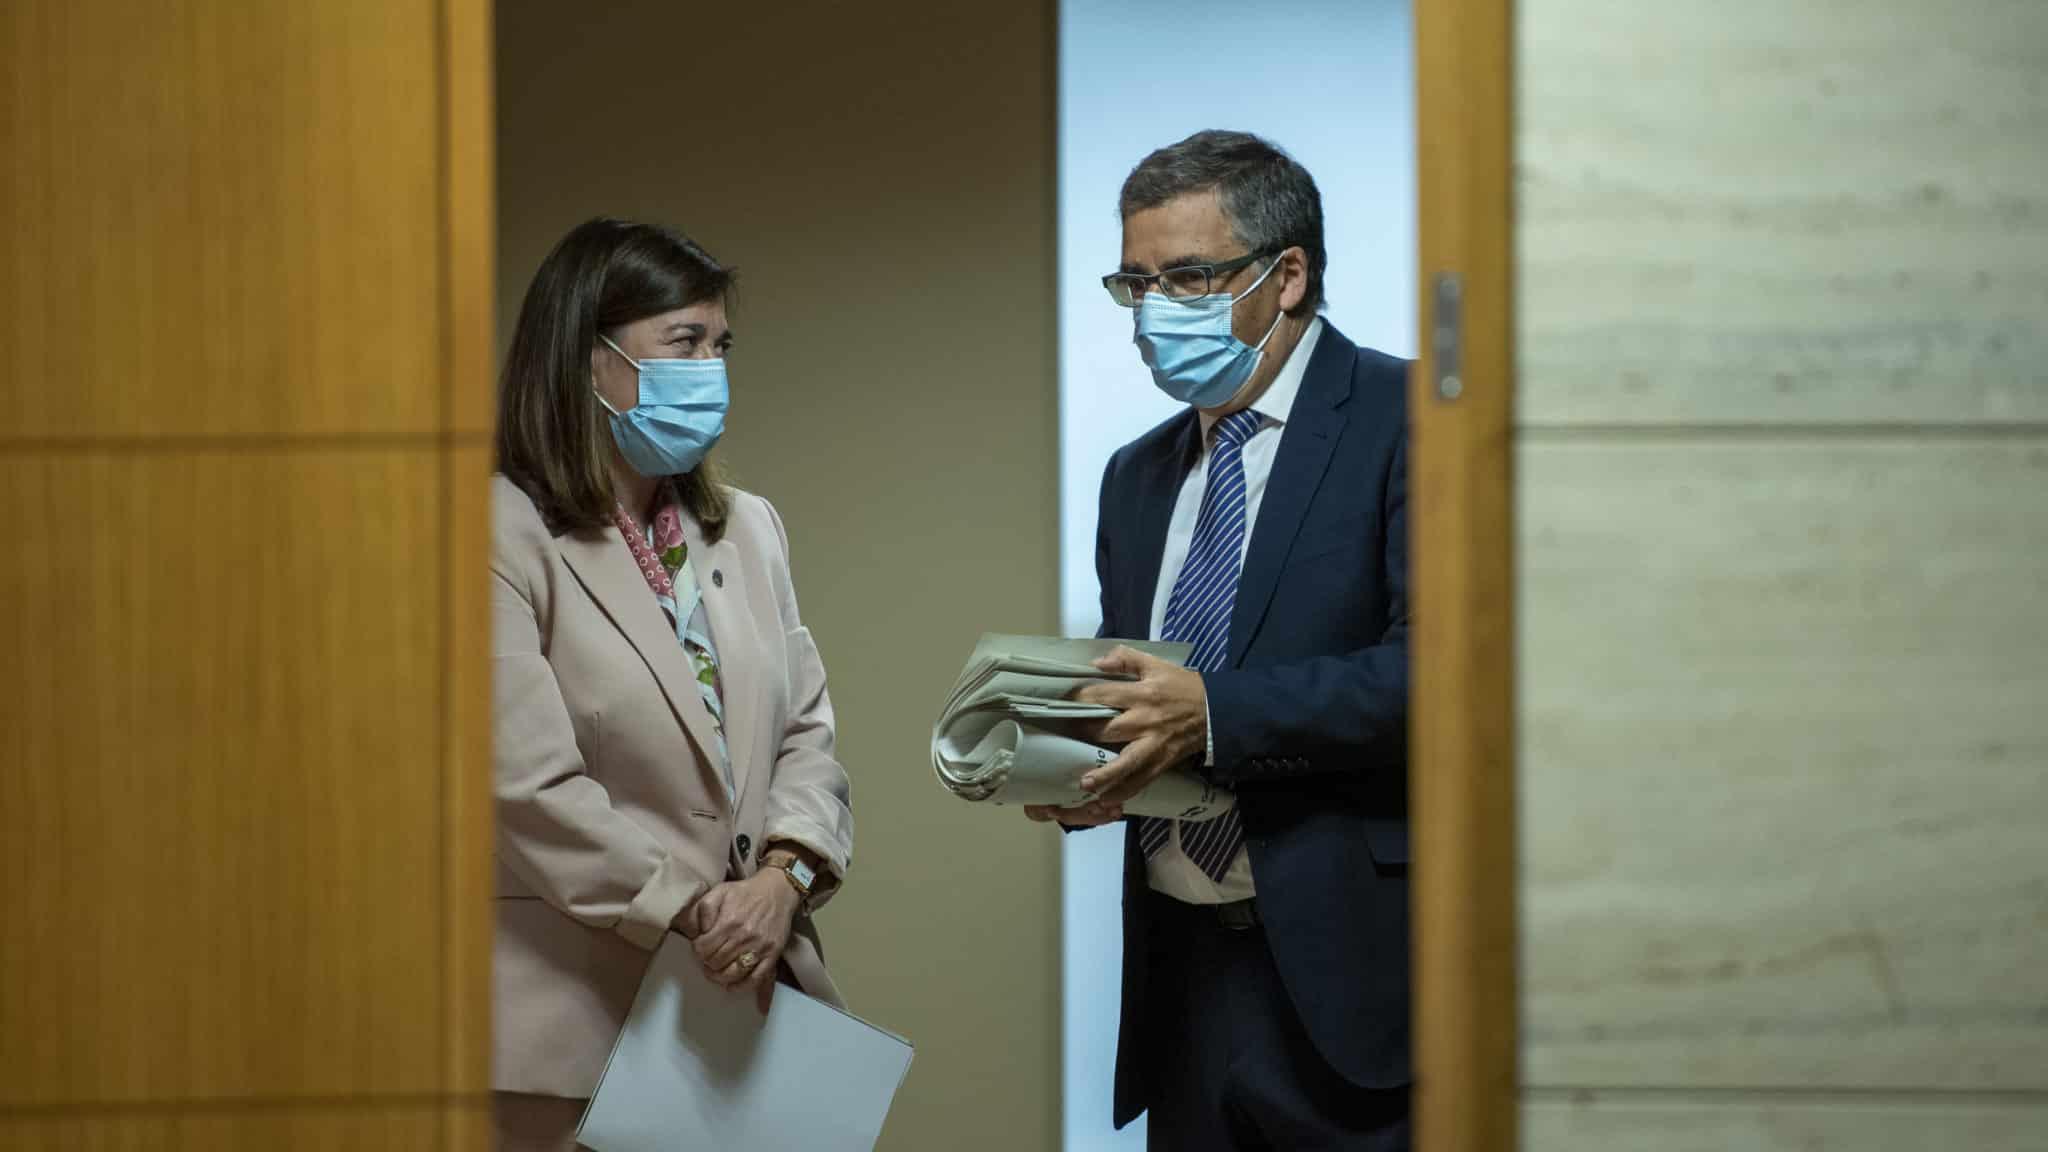 La Rioja prorroga oficialmente hasta el 29 de noviembre las restricciones aprobadas por la pandemia 1